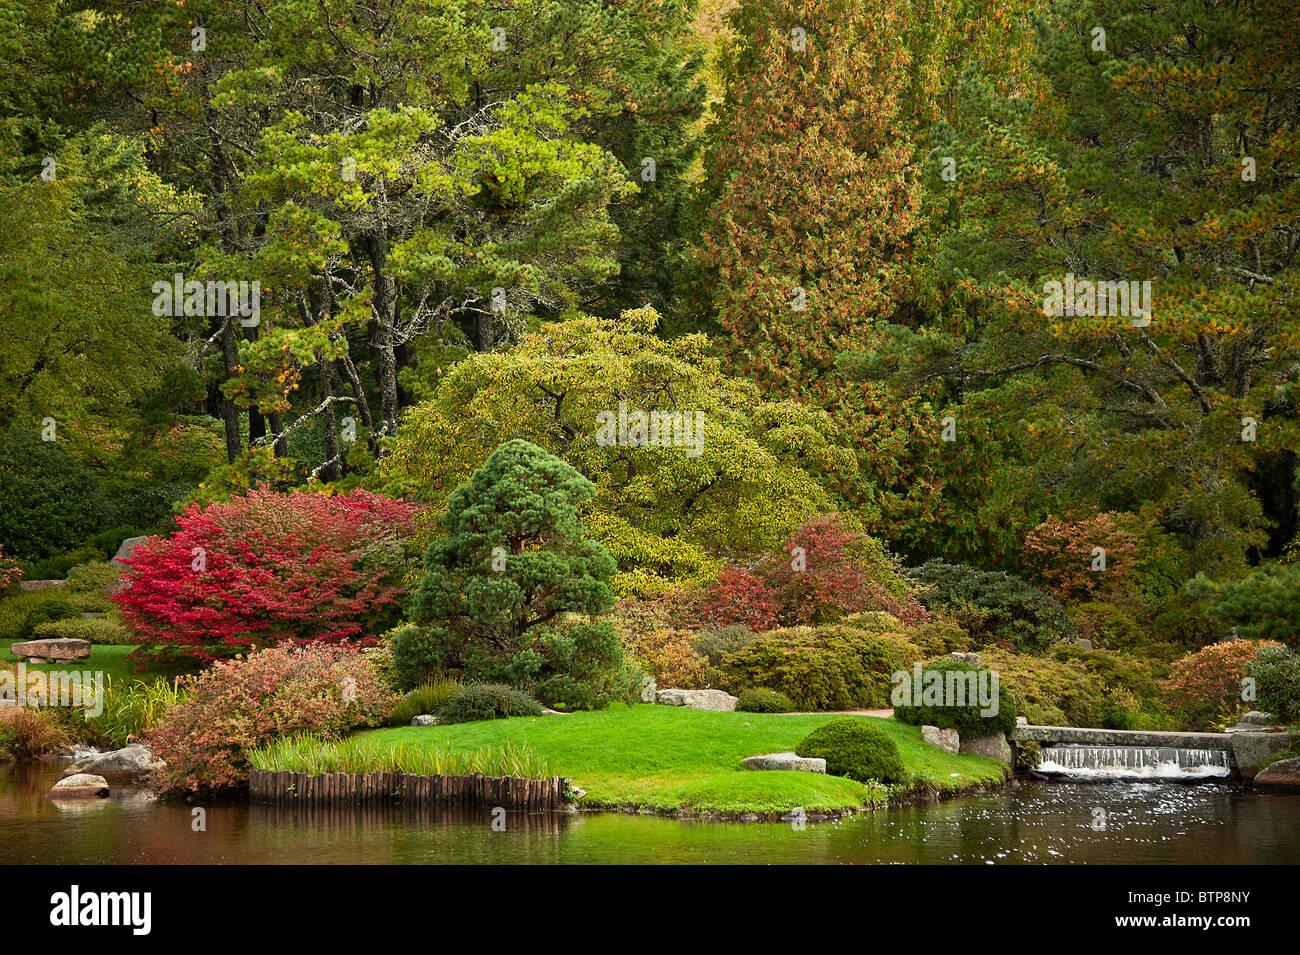 Asticou Azalea Garden, Öffentlichkeit, Northeast Harbor, Maine, USA Stockfoto